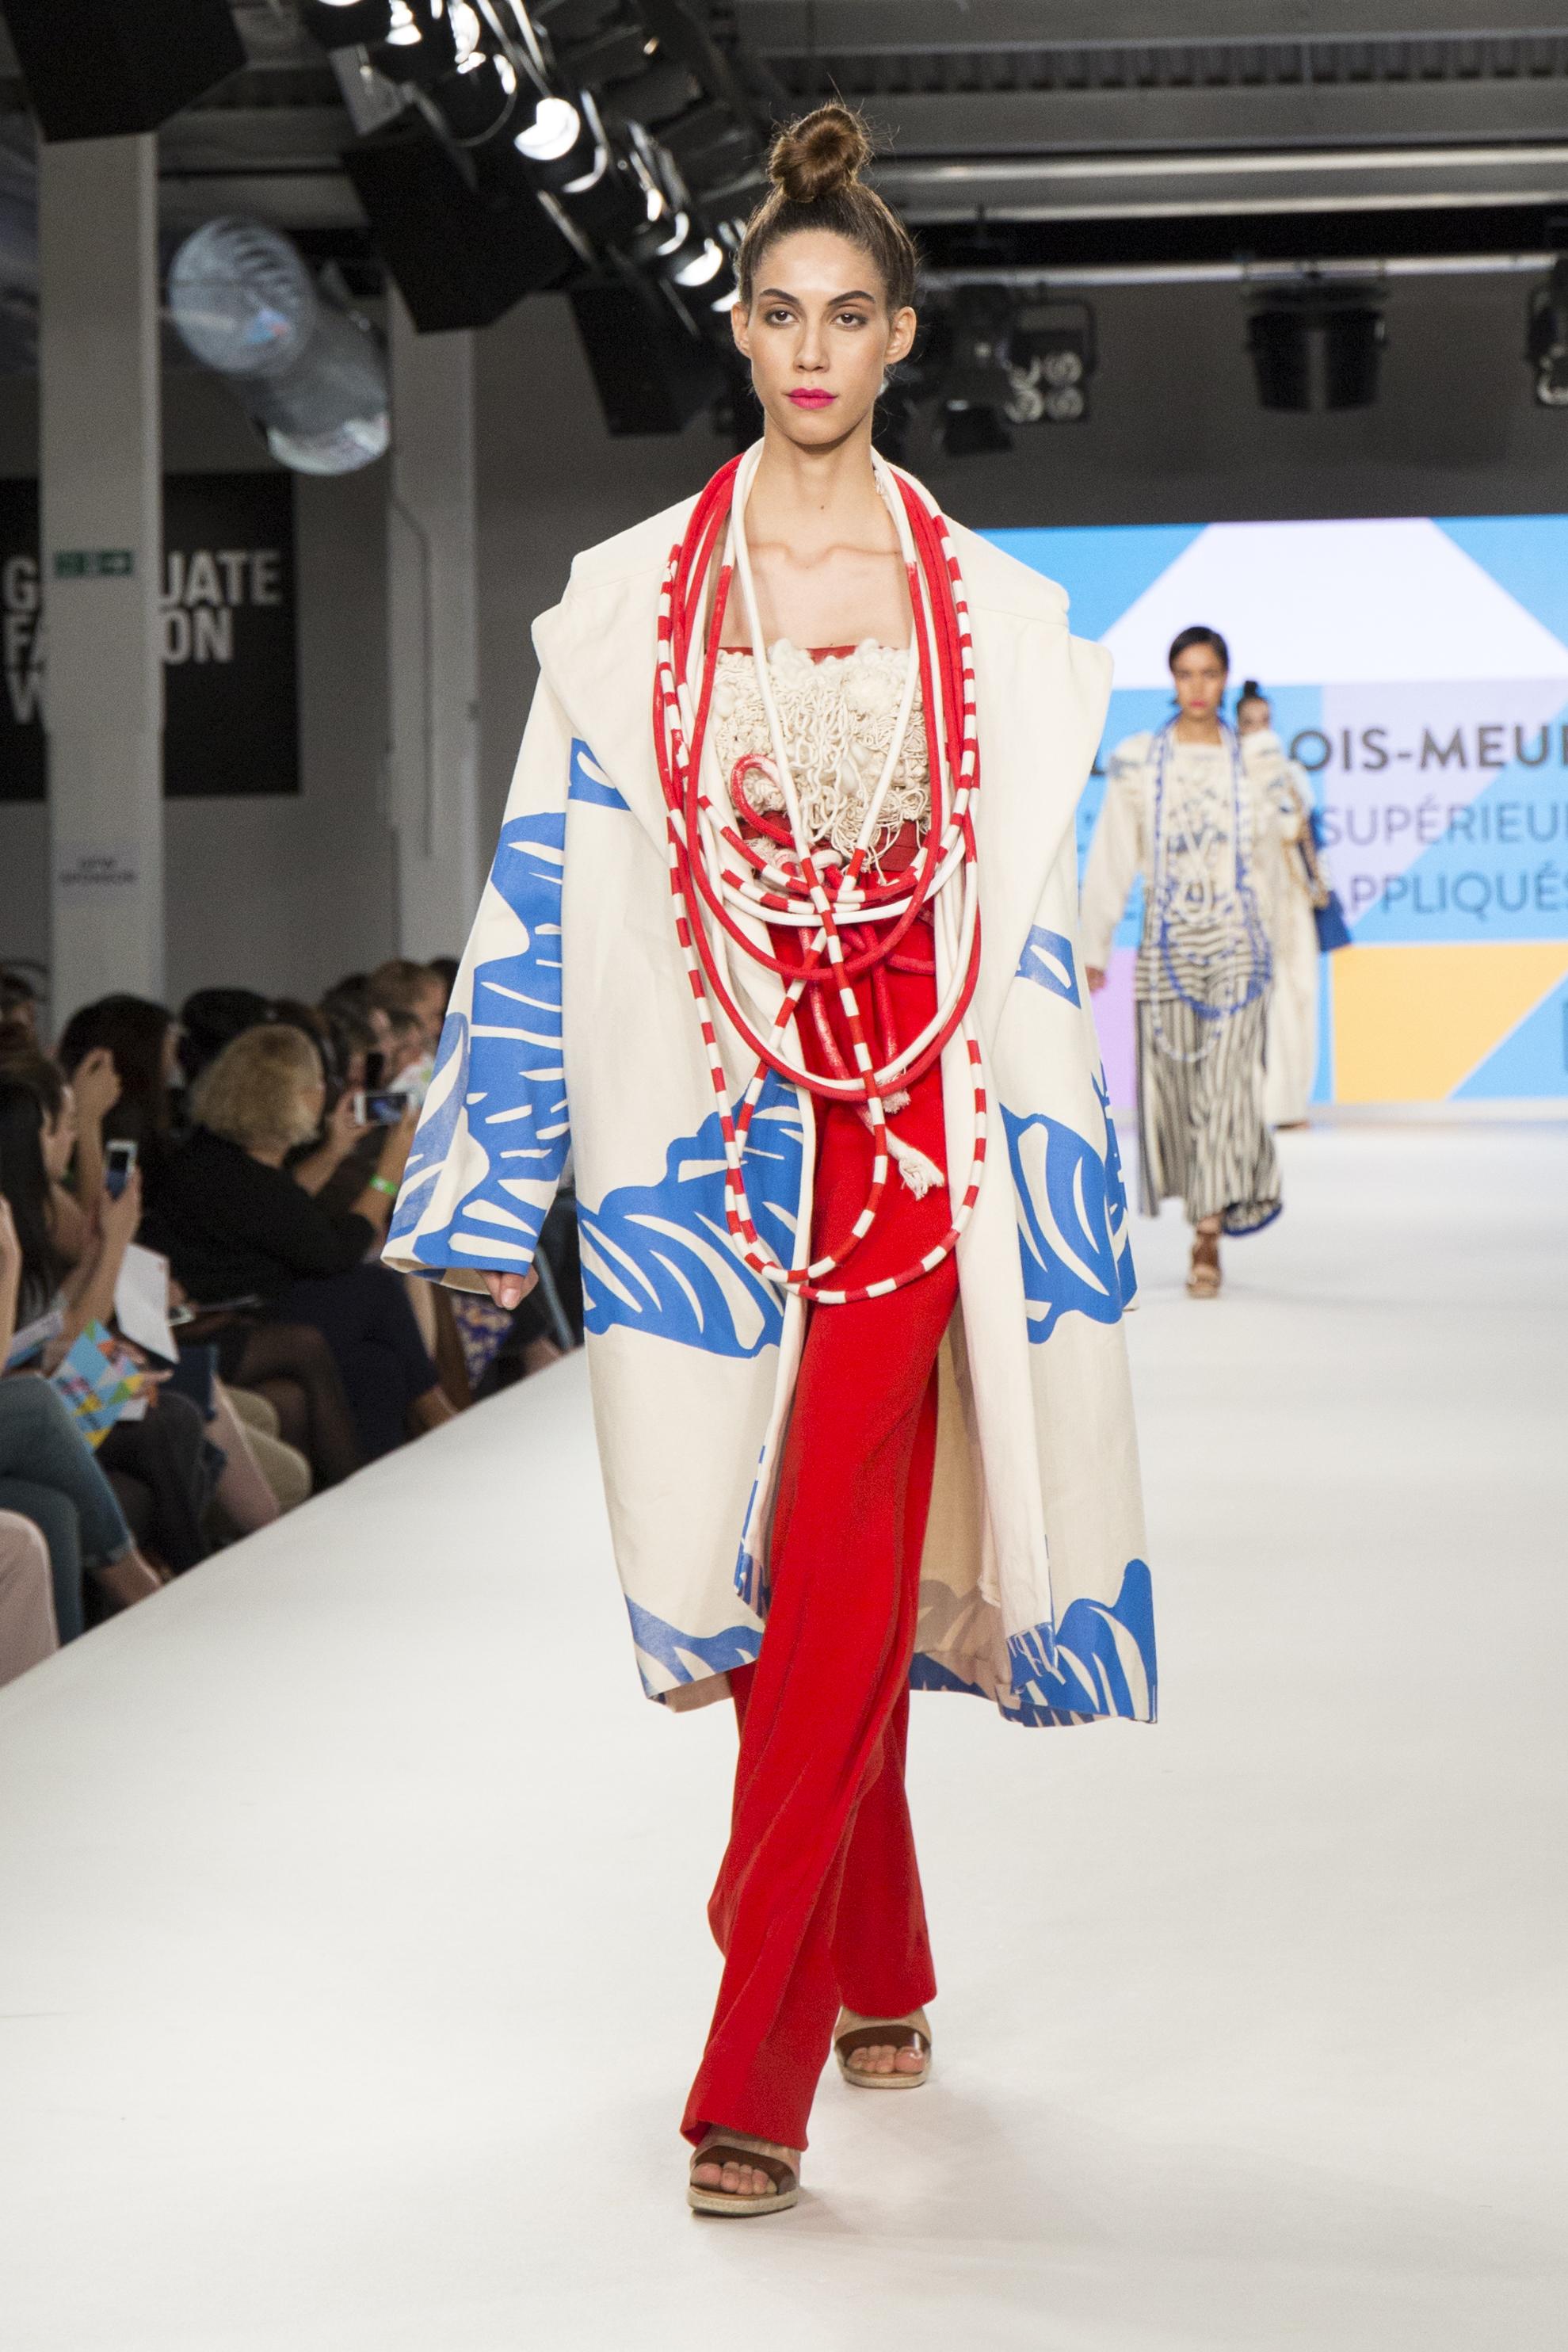 Aude Langlois-Meurinne_InternationalShow_LaurenMustoe-1.jpg